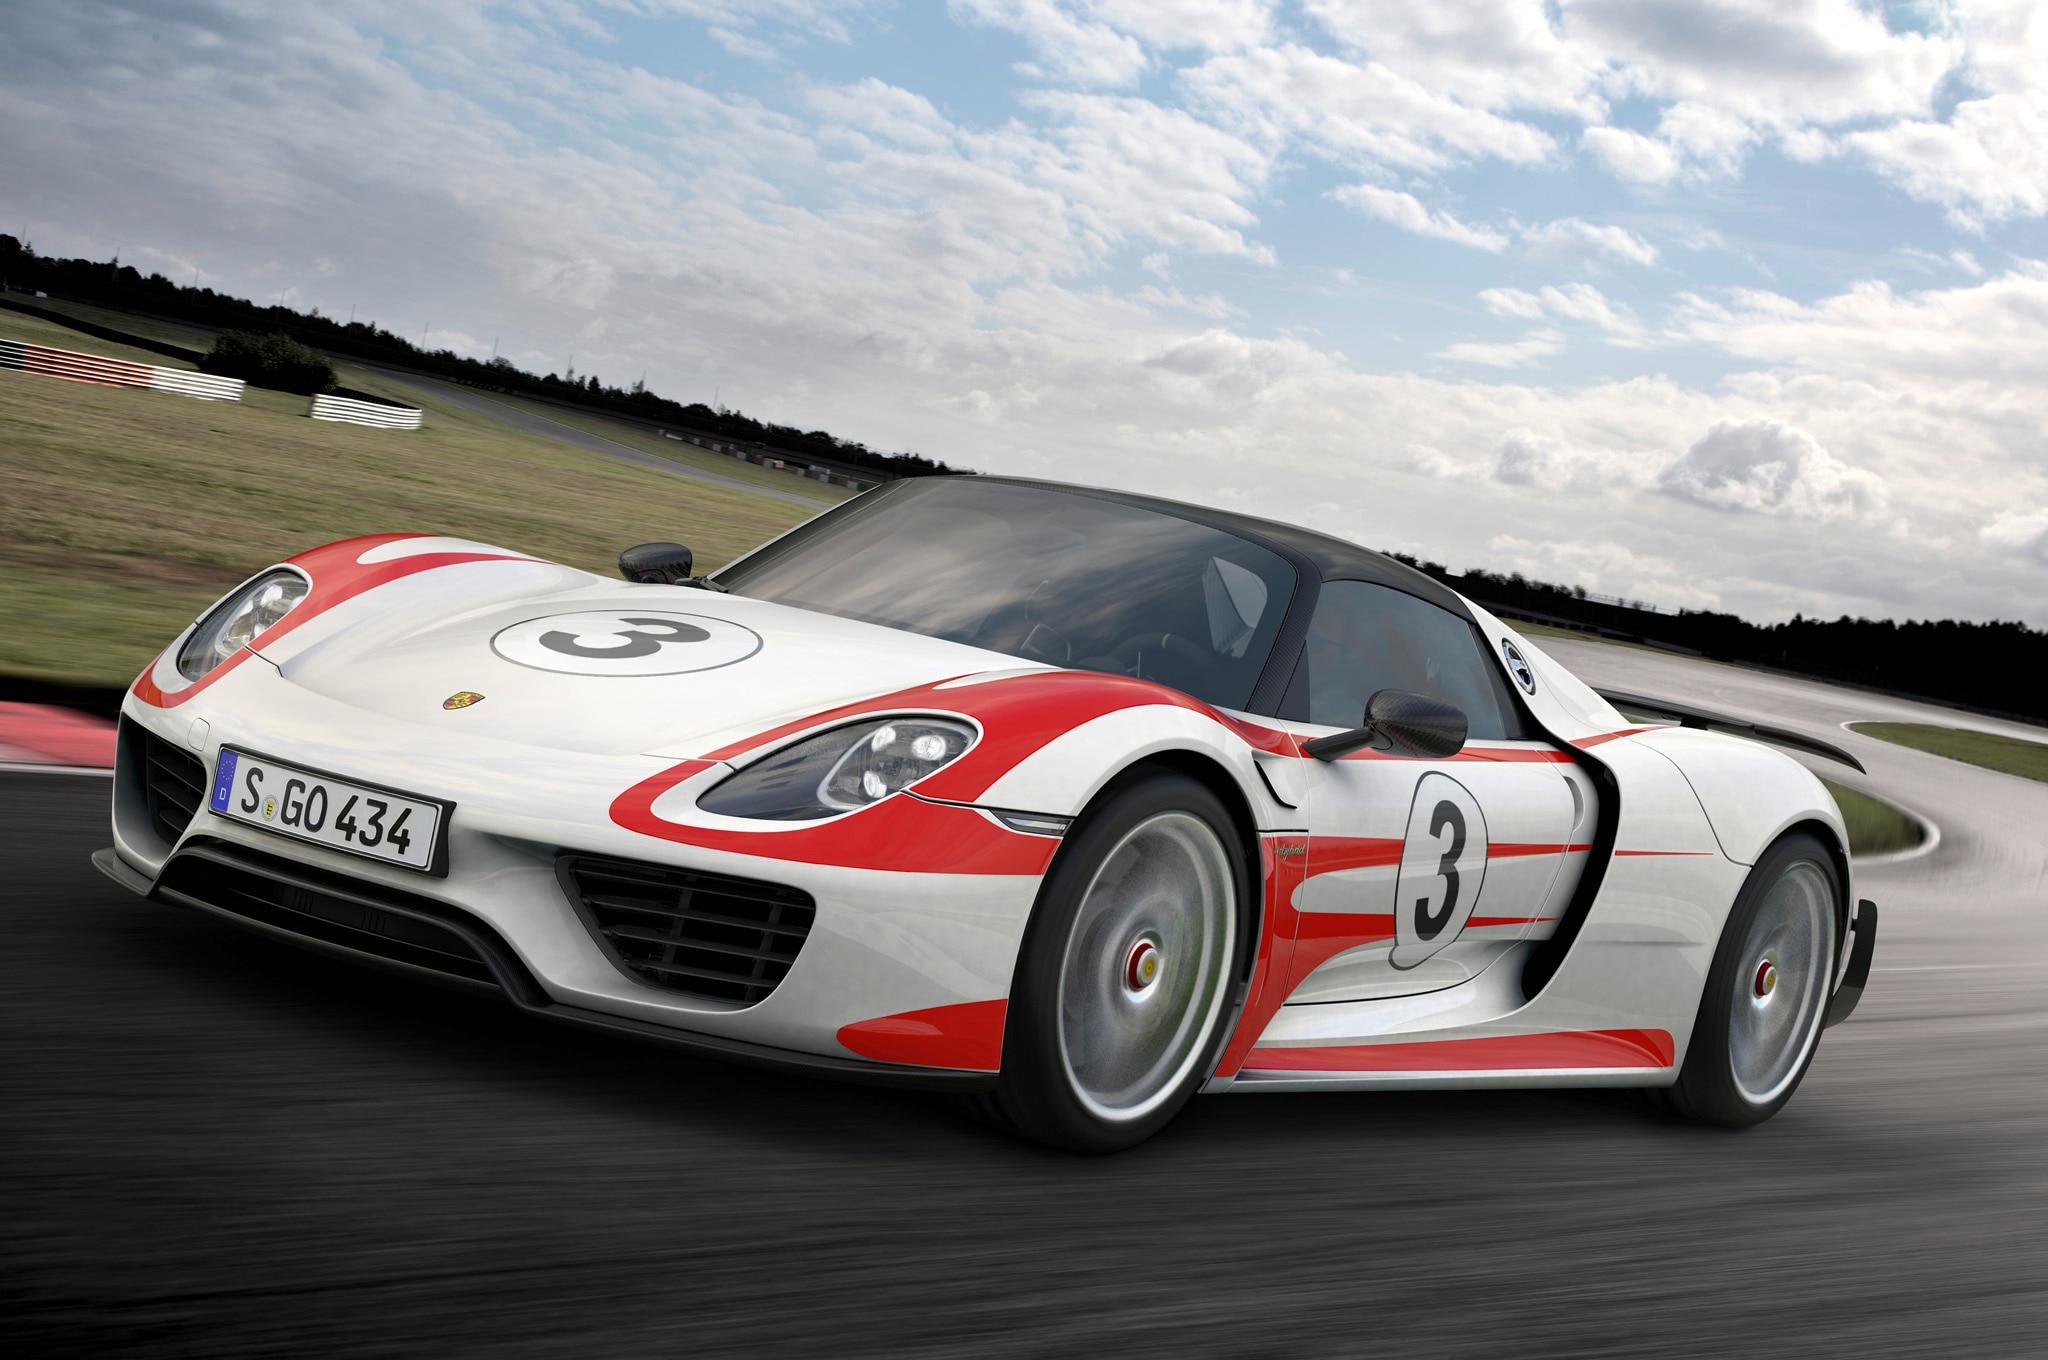 2015 Porsche 918 Spyder Weissach Front11